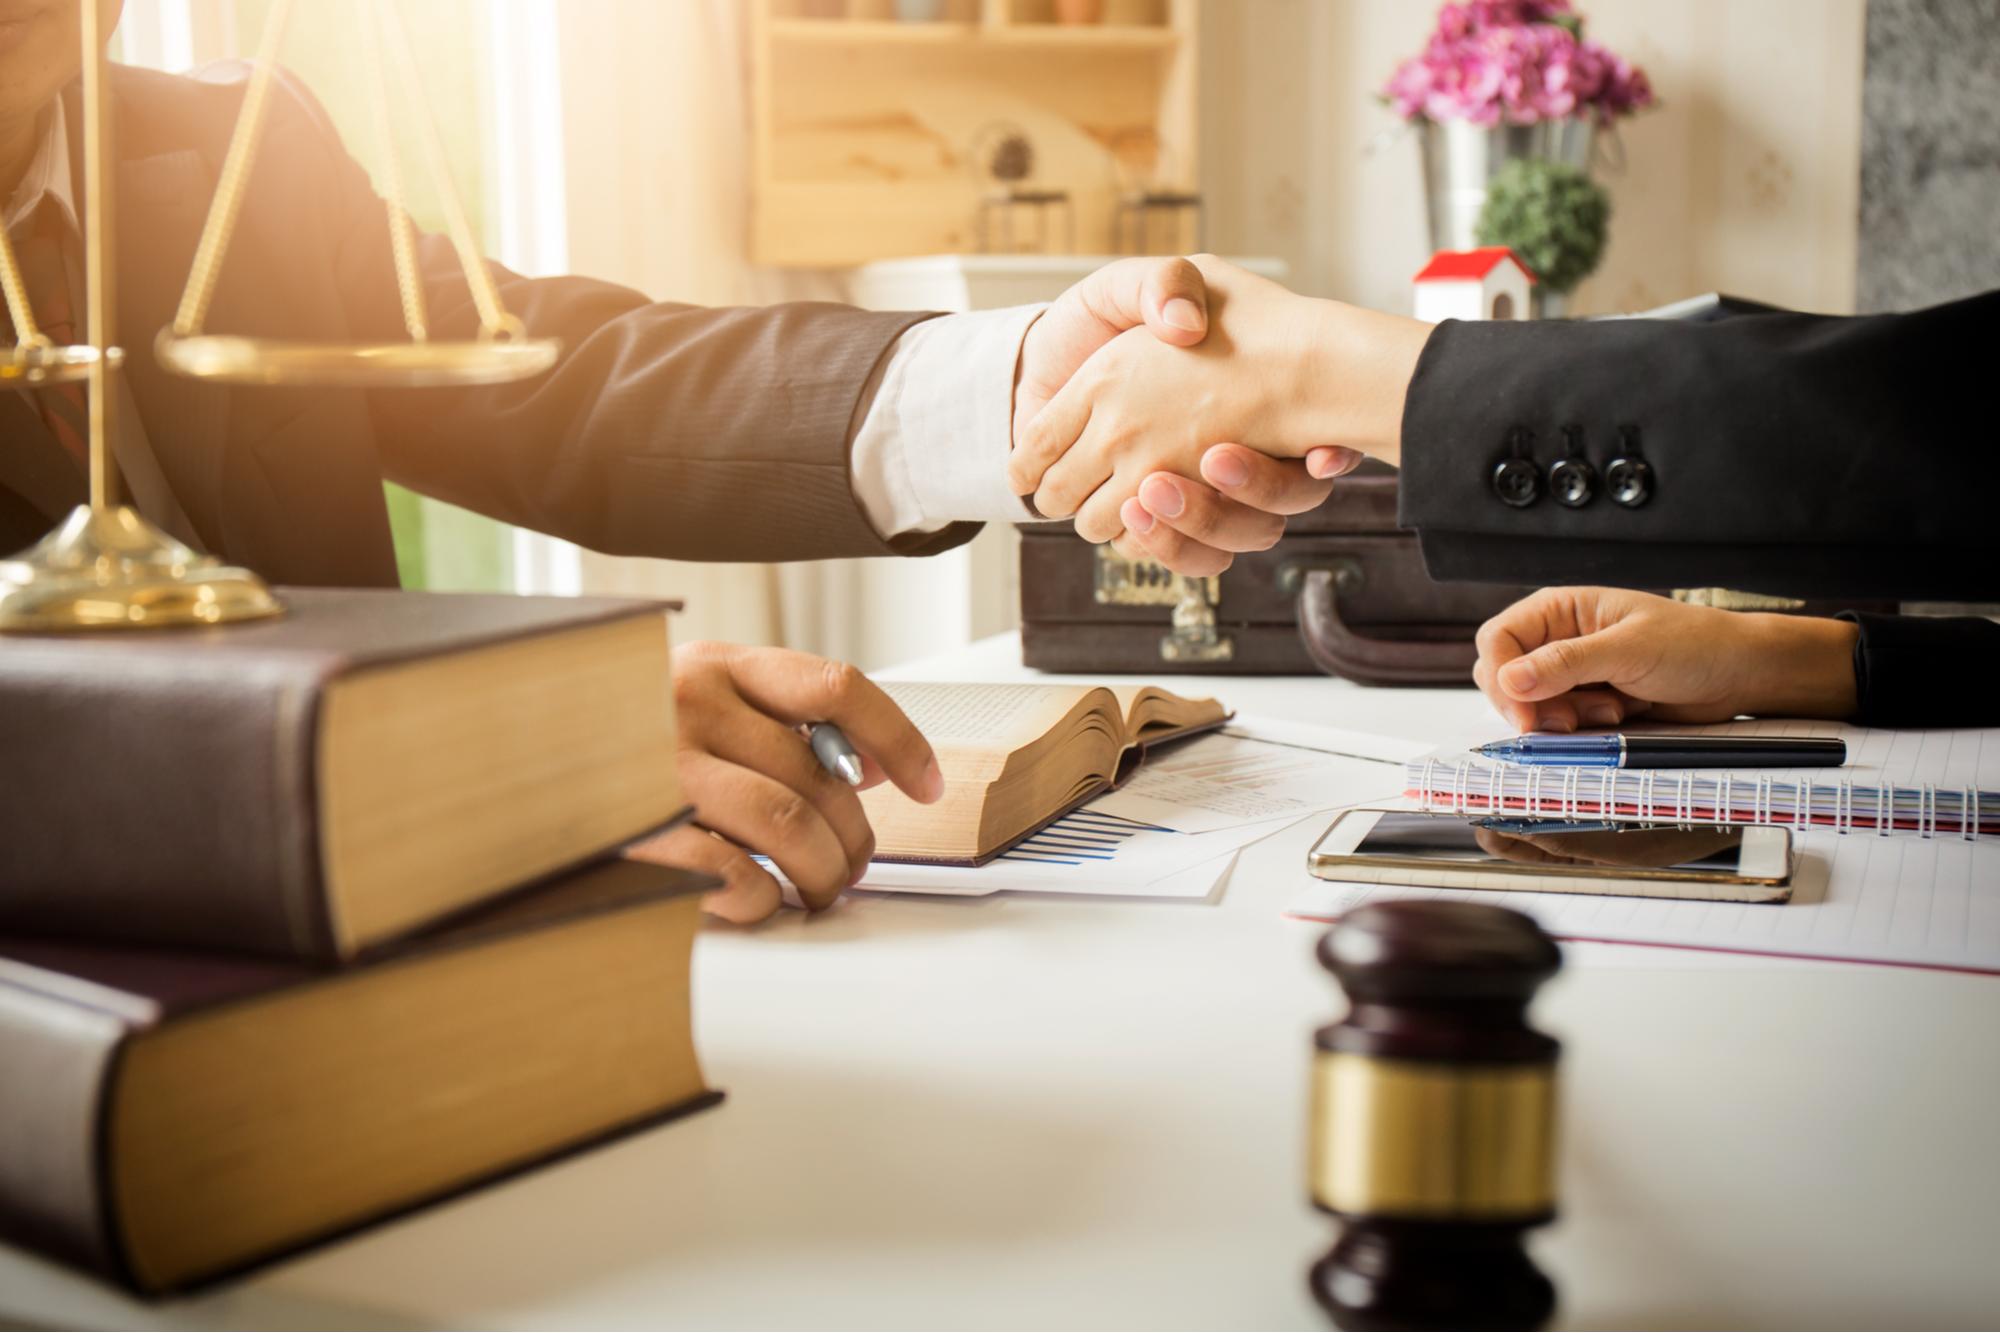 Assegurances de protecció jurídica